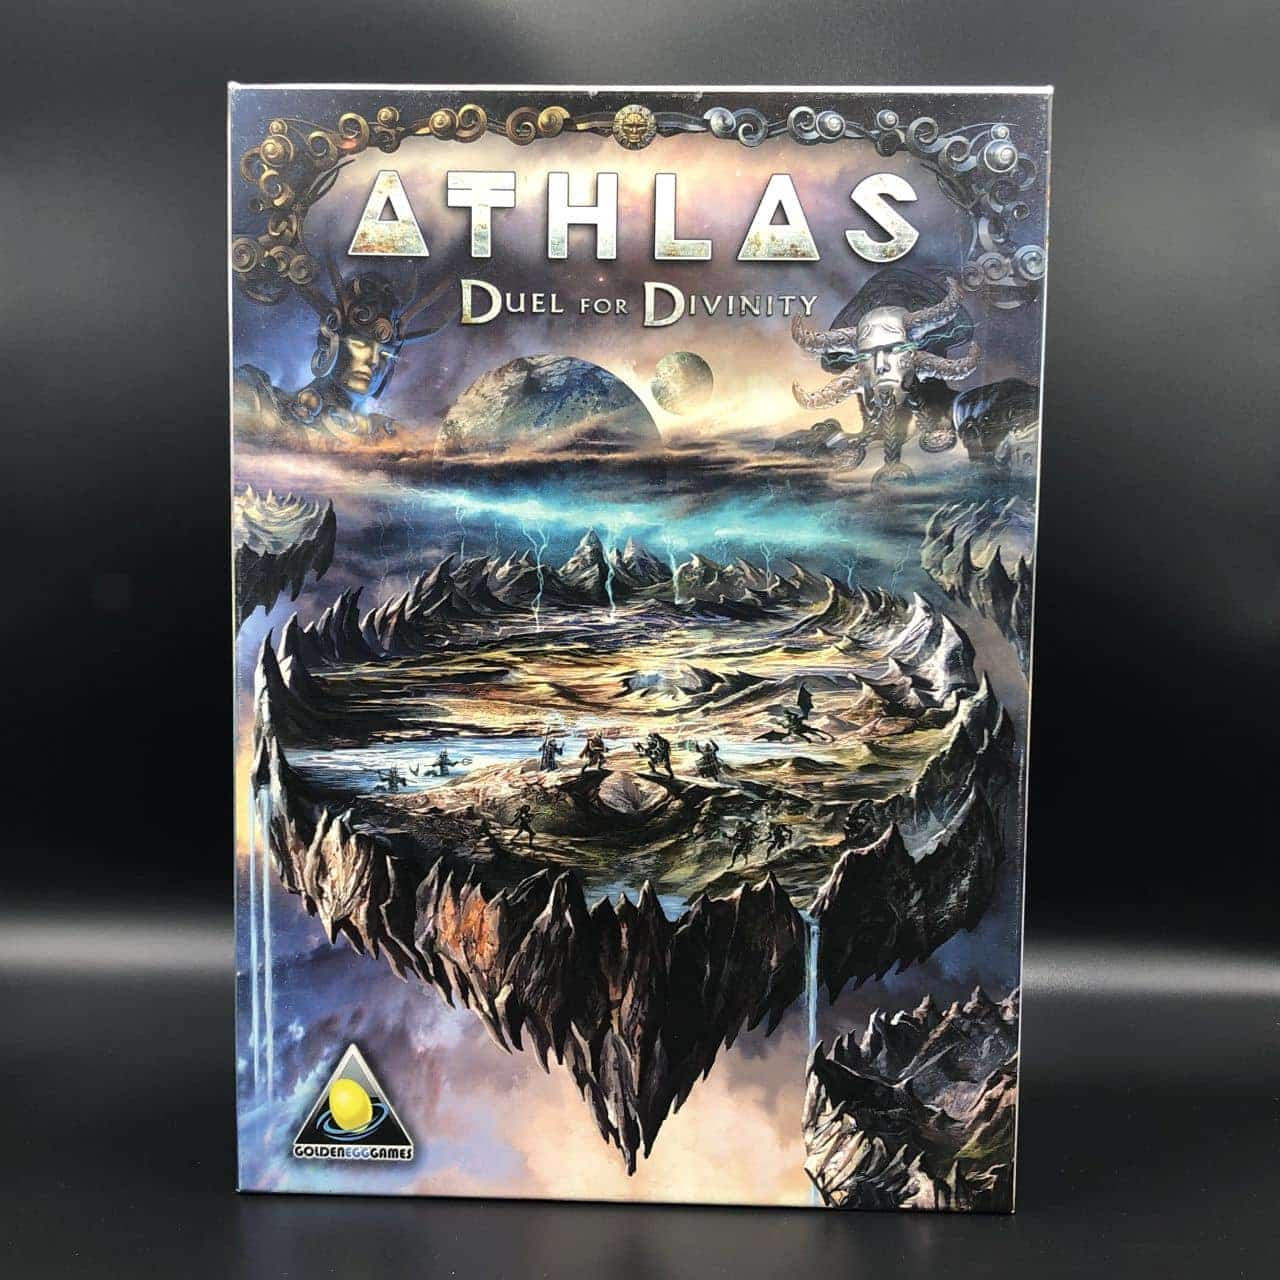 Athlas: Duel for Divinity (Kickstarter Version - Athilian) (Komplett) (Sehr gut) Brettspiel